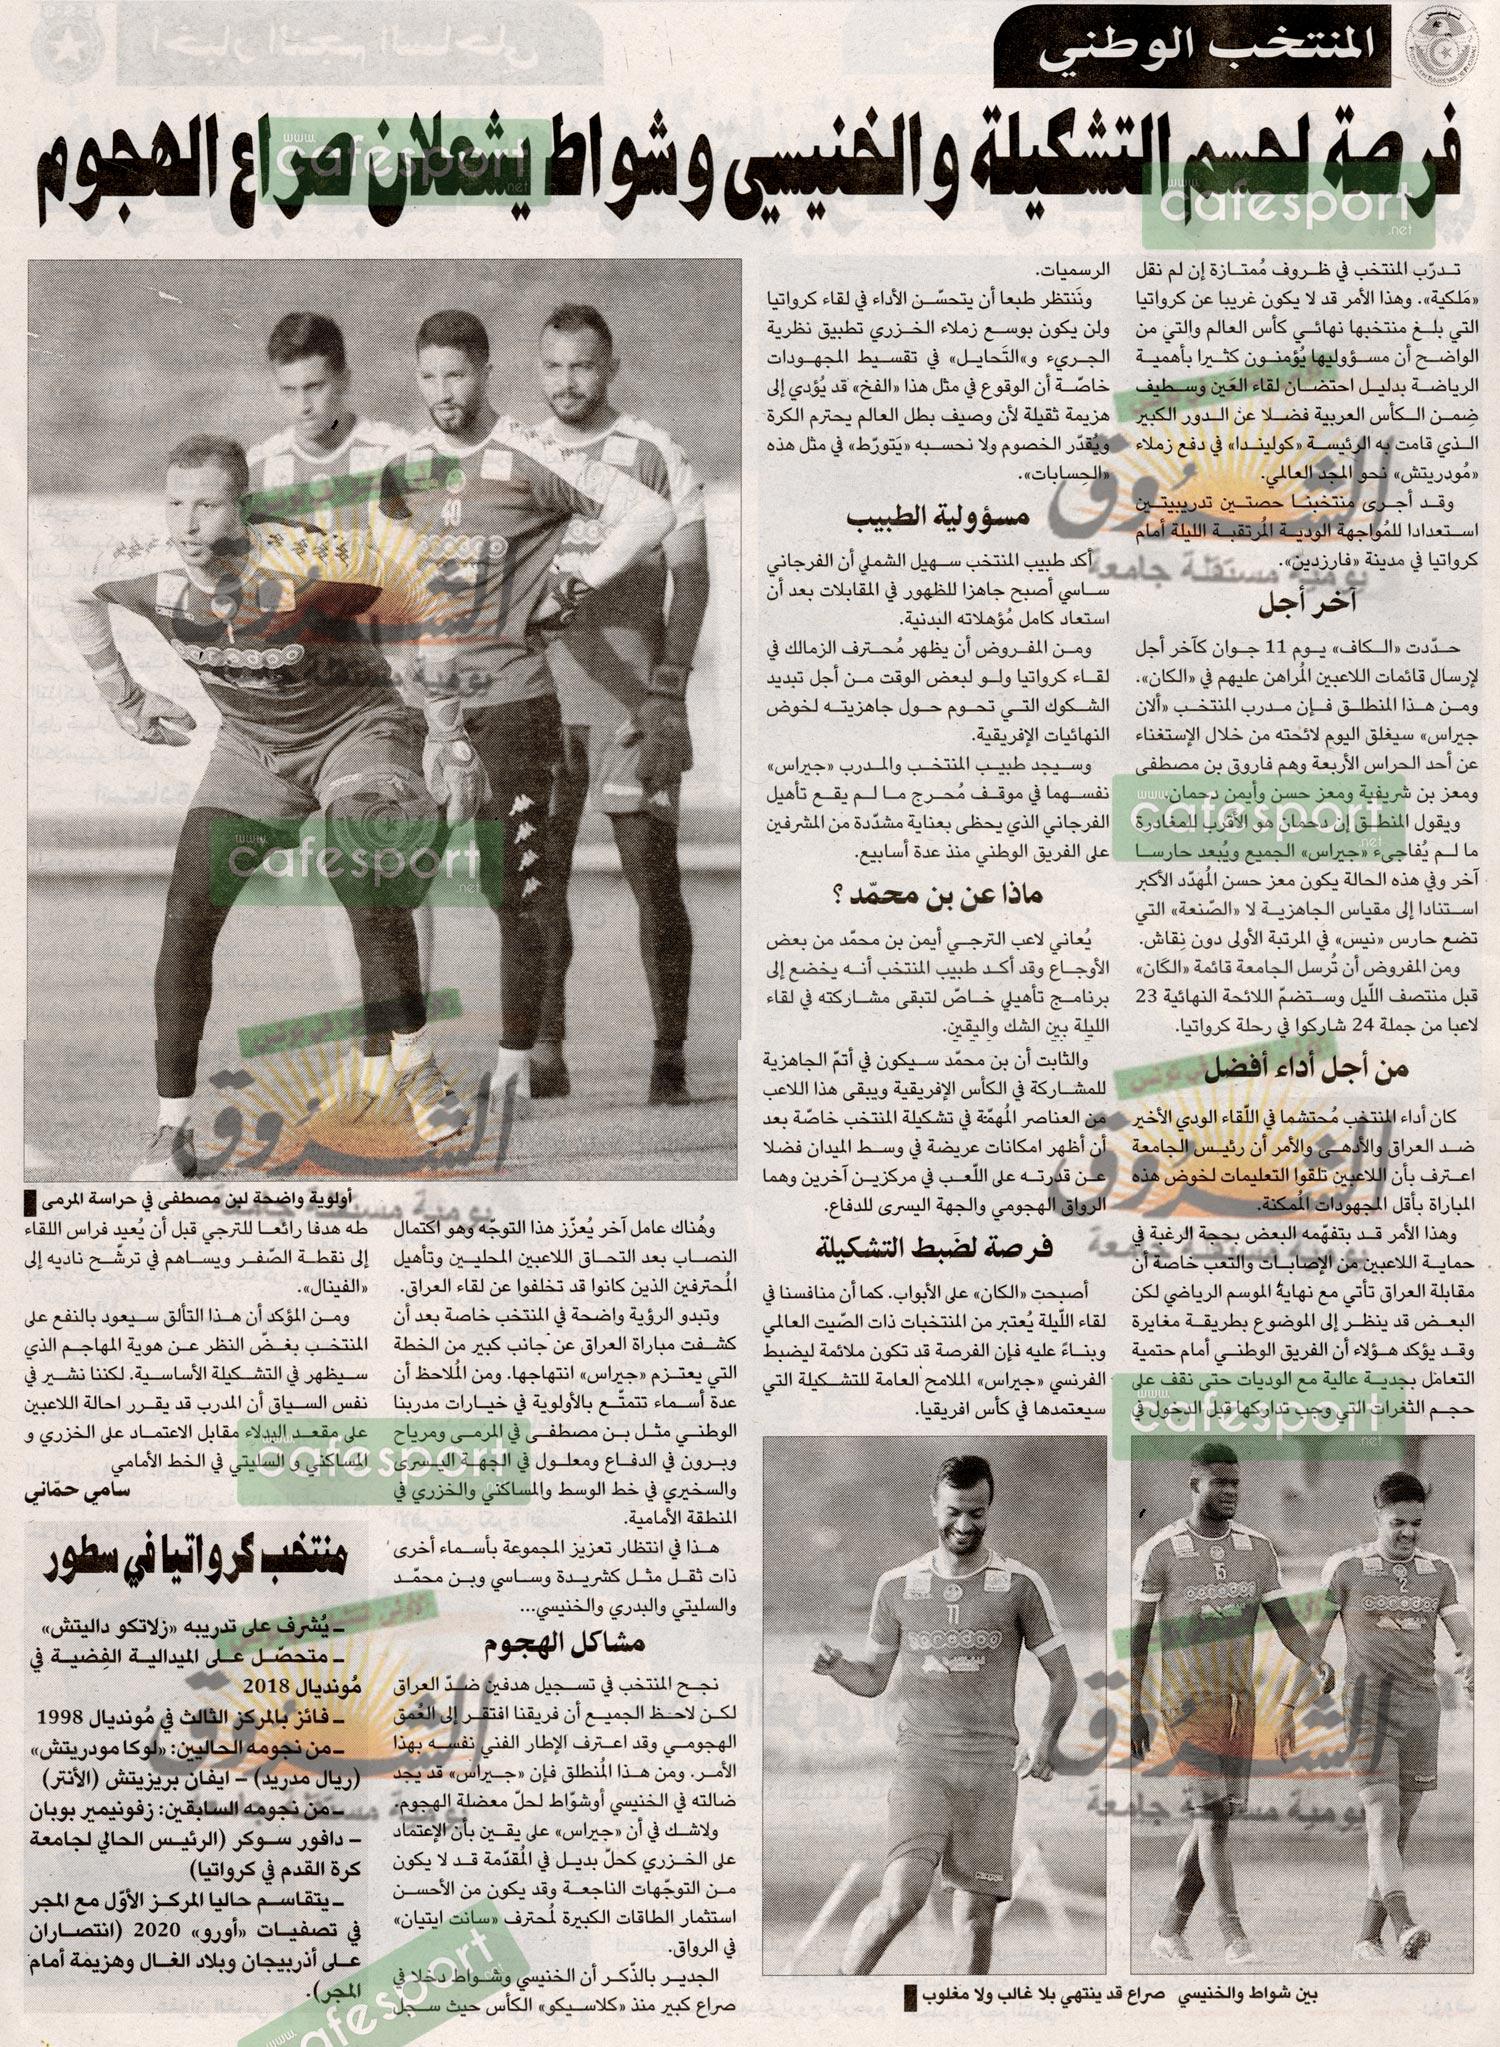 كلام جرايد ليوم الثلاثاء 11 جوان 2019